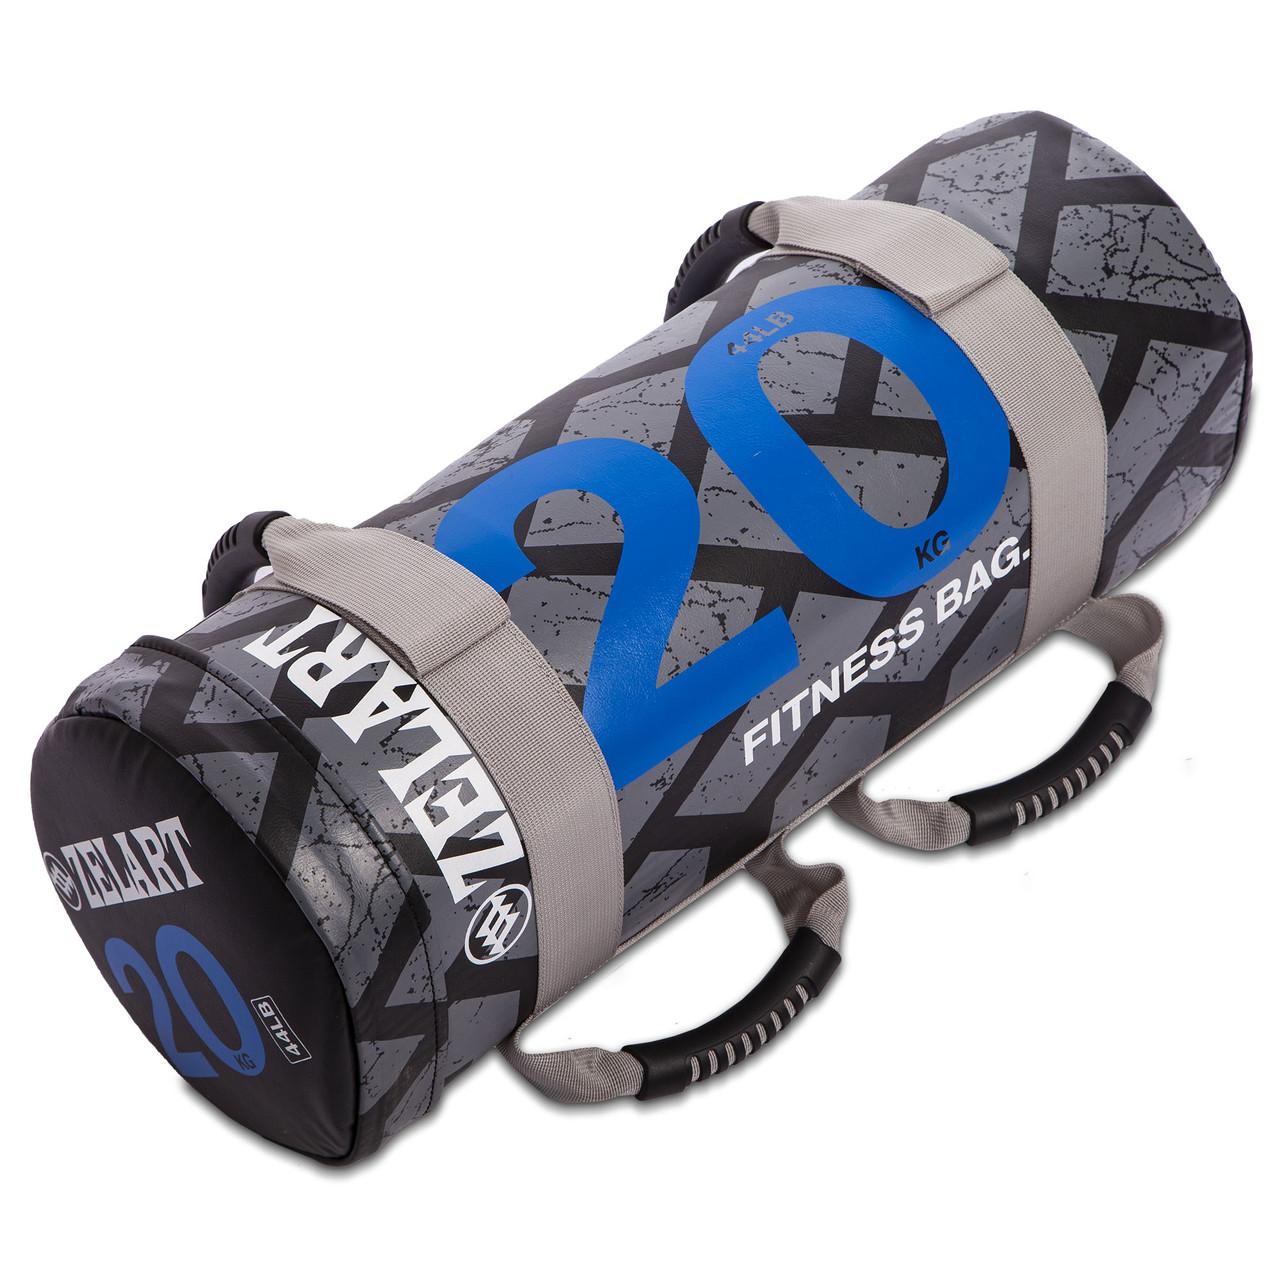 Мішок для кроссфита і фітнесу Zelart Power Bag FI-0899-20 20кг чорний-синій